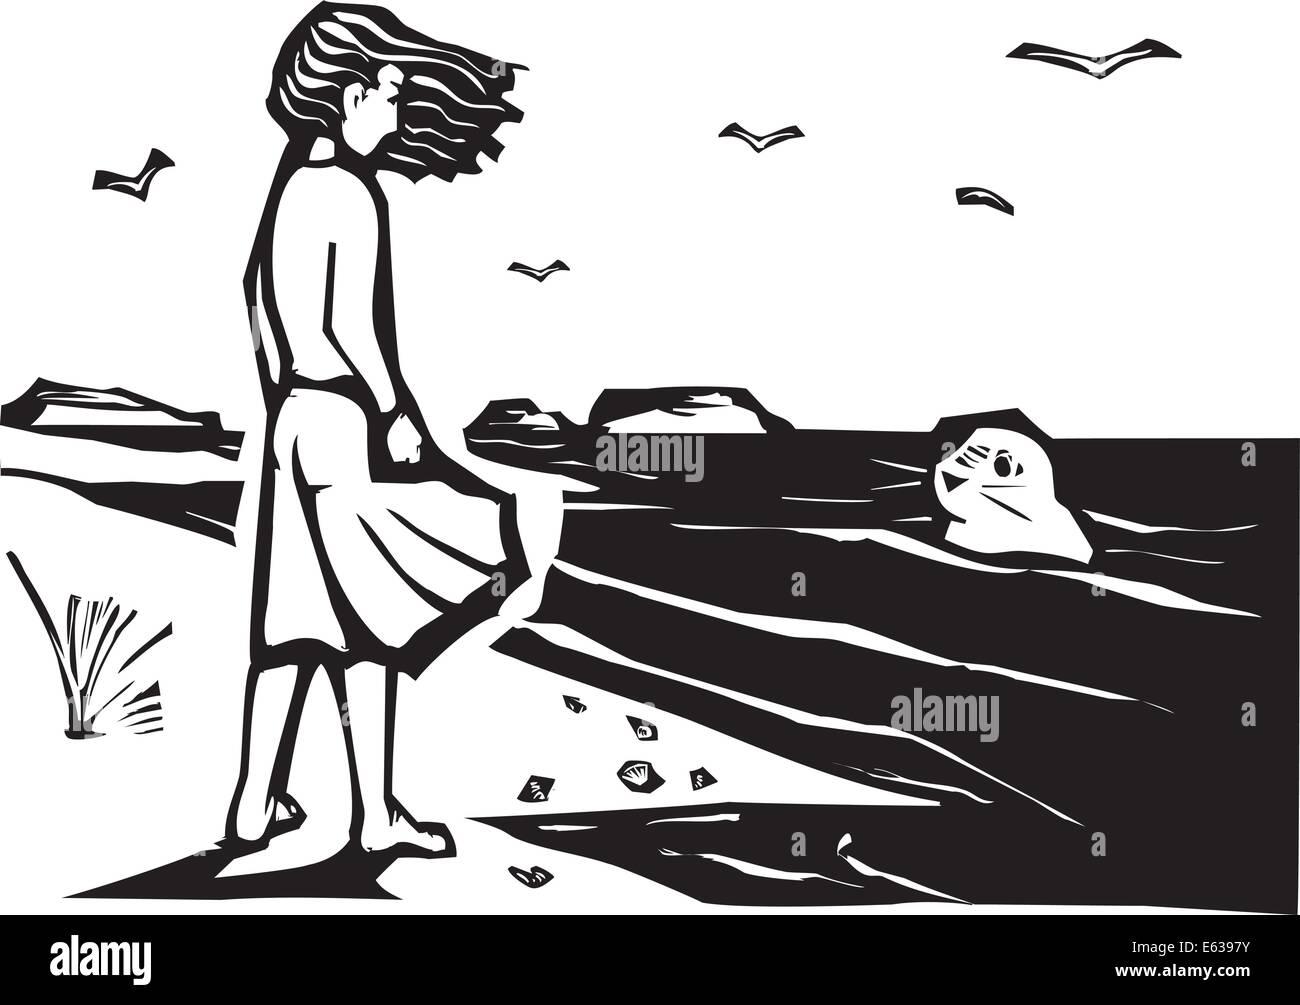 Holzschnitt-Stil Bild eines Mädchens an einem Strand ein Hafen-Siegel in den Wellen beobachten. Stockbild